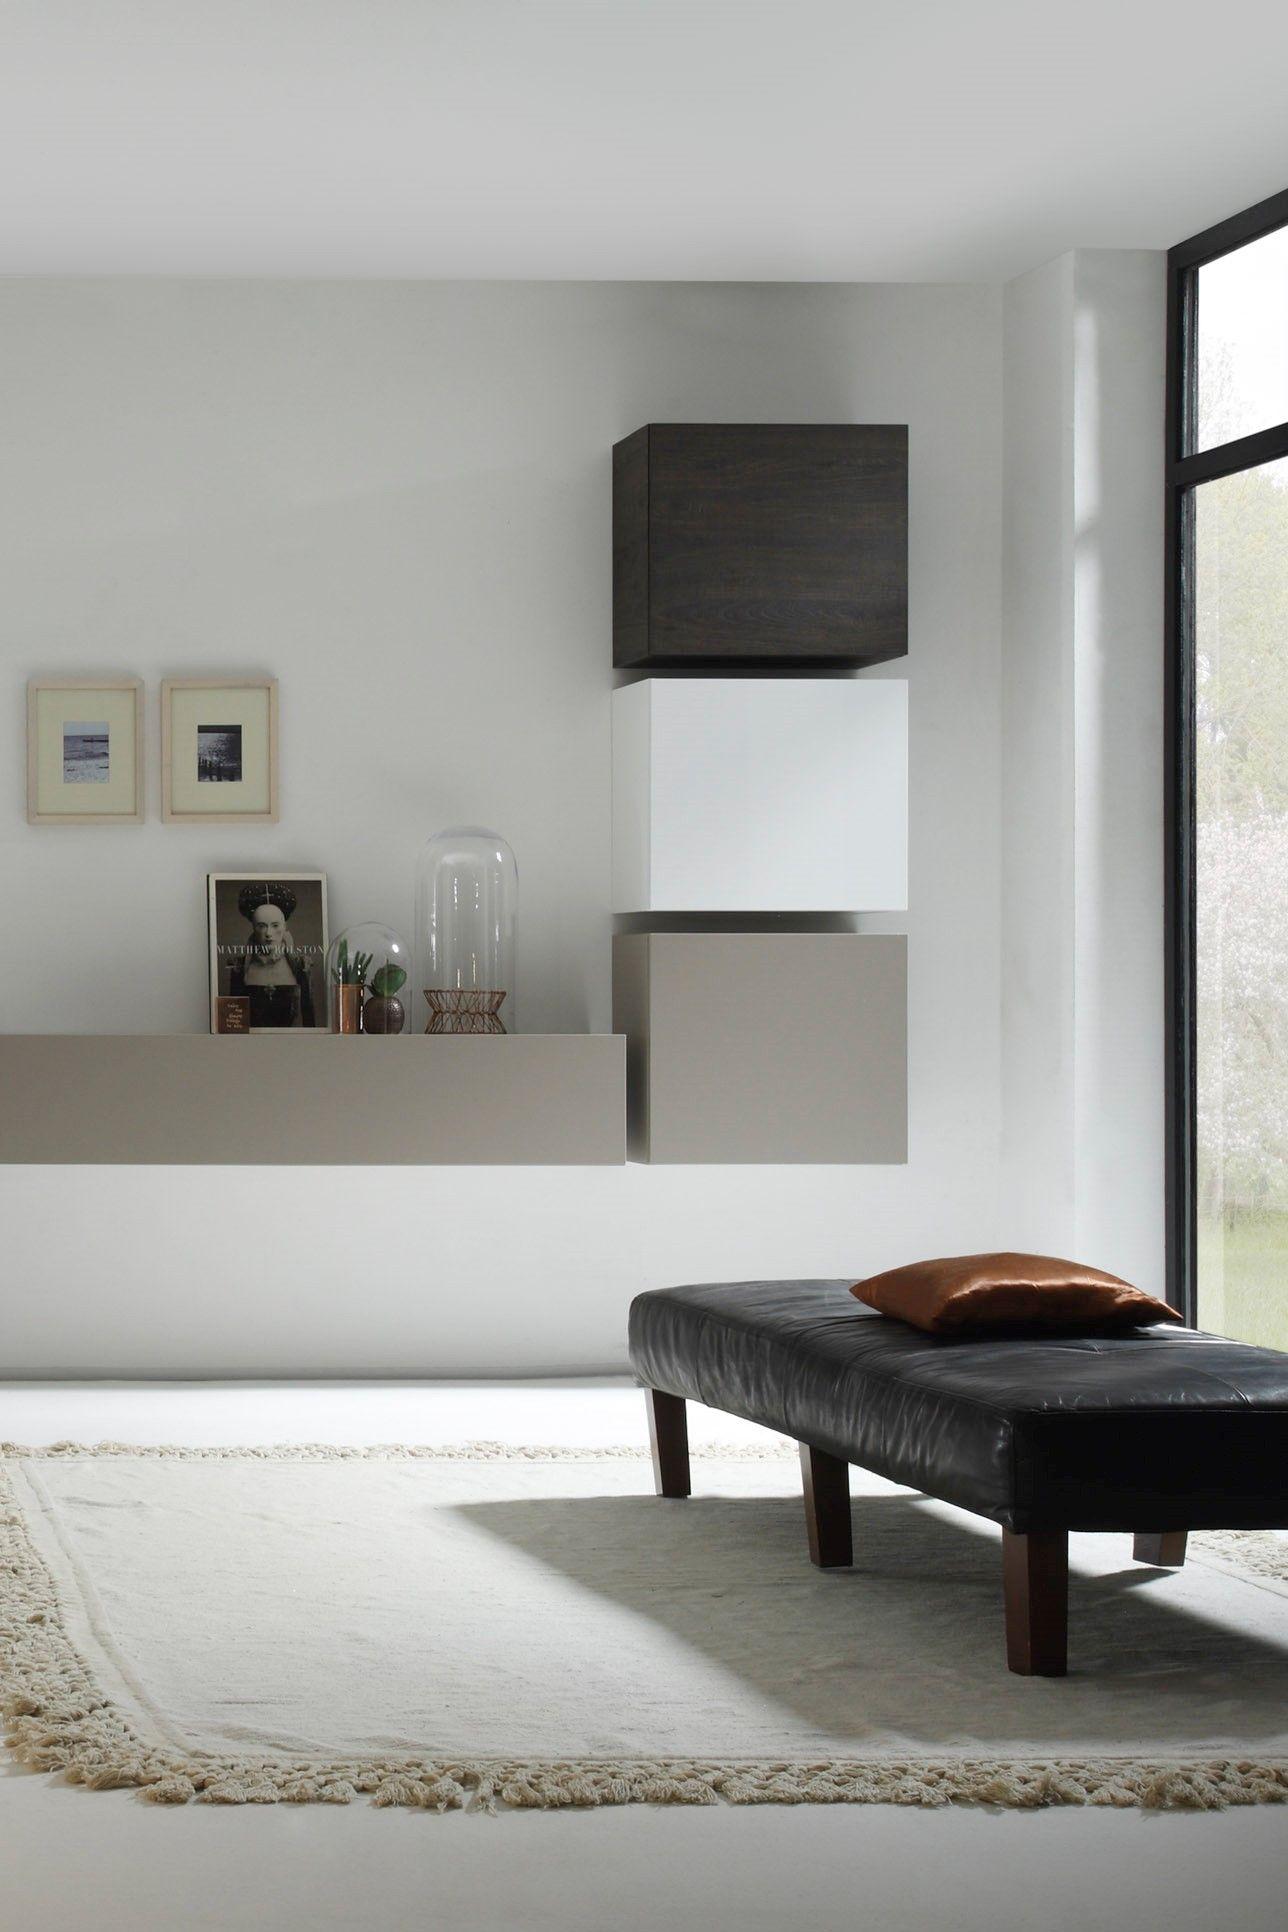 Wohnwand Weiss Eiche Modern Wohnen Wohnzimmerentwurfe